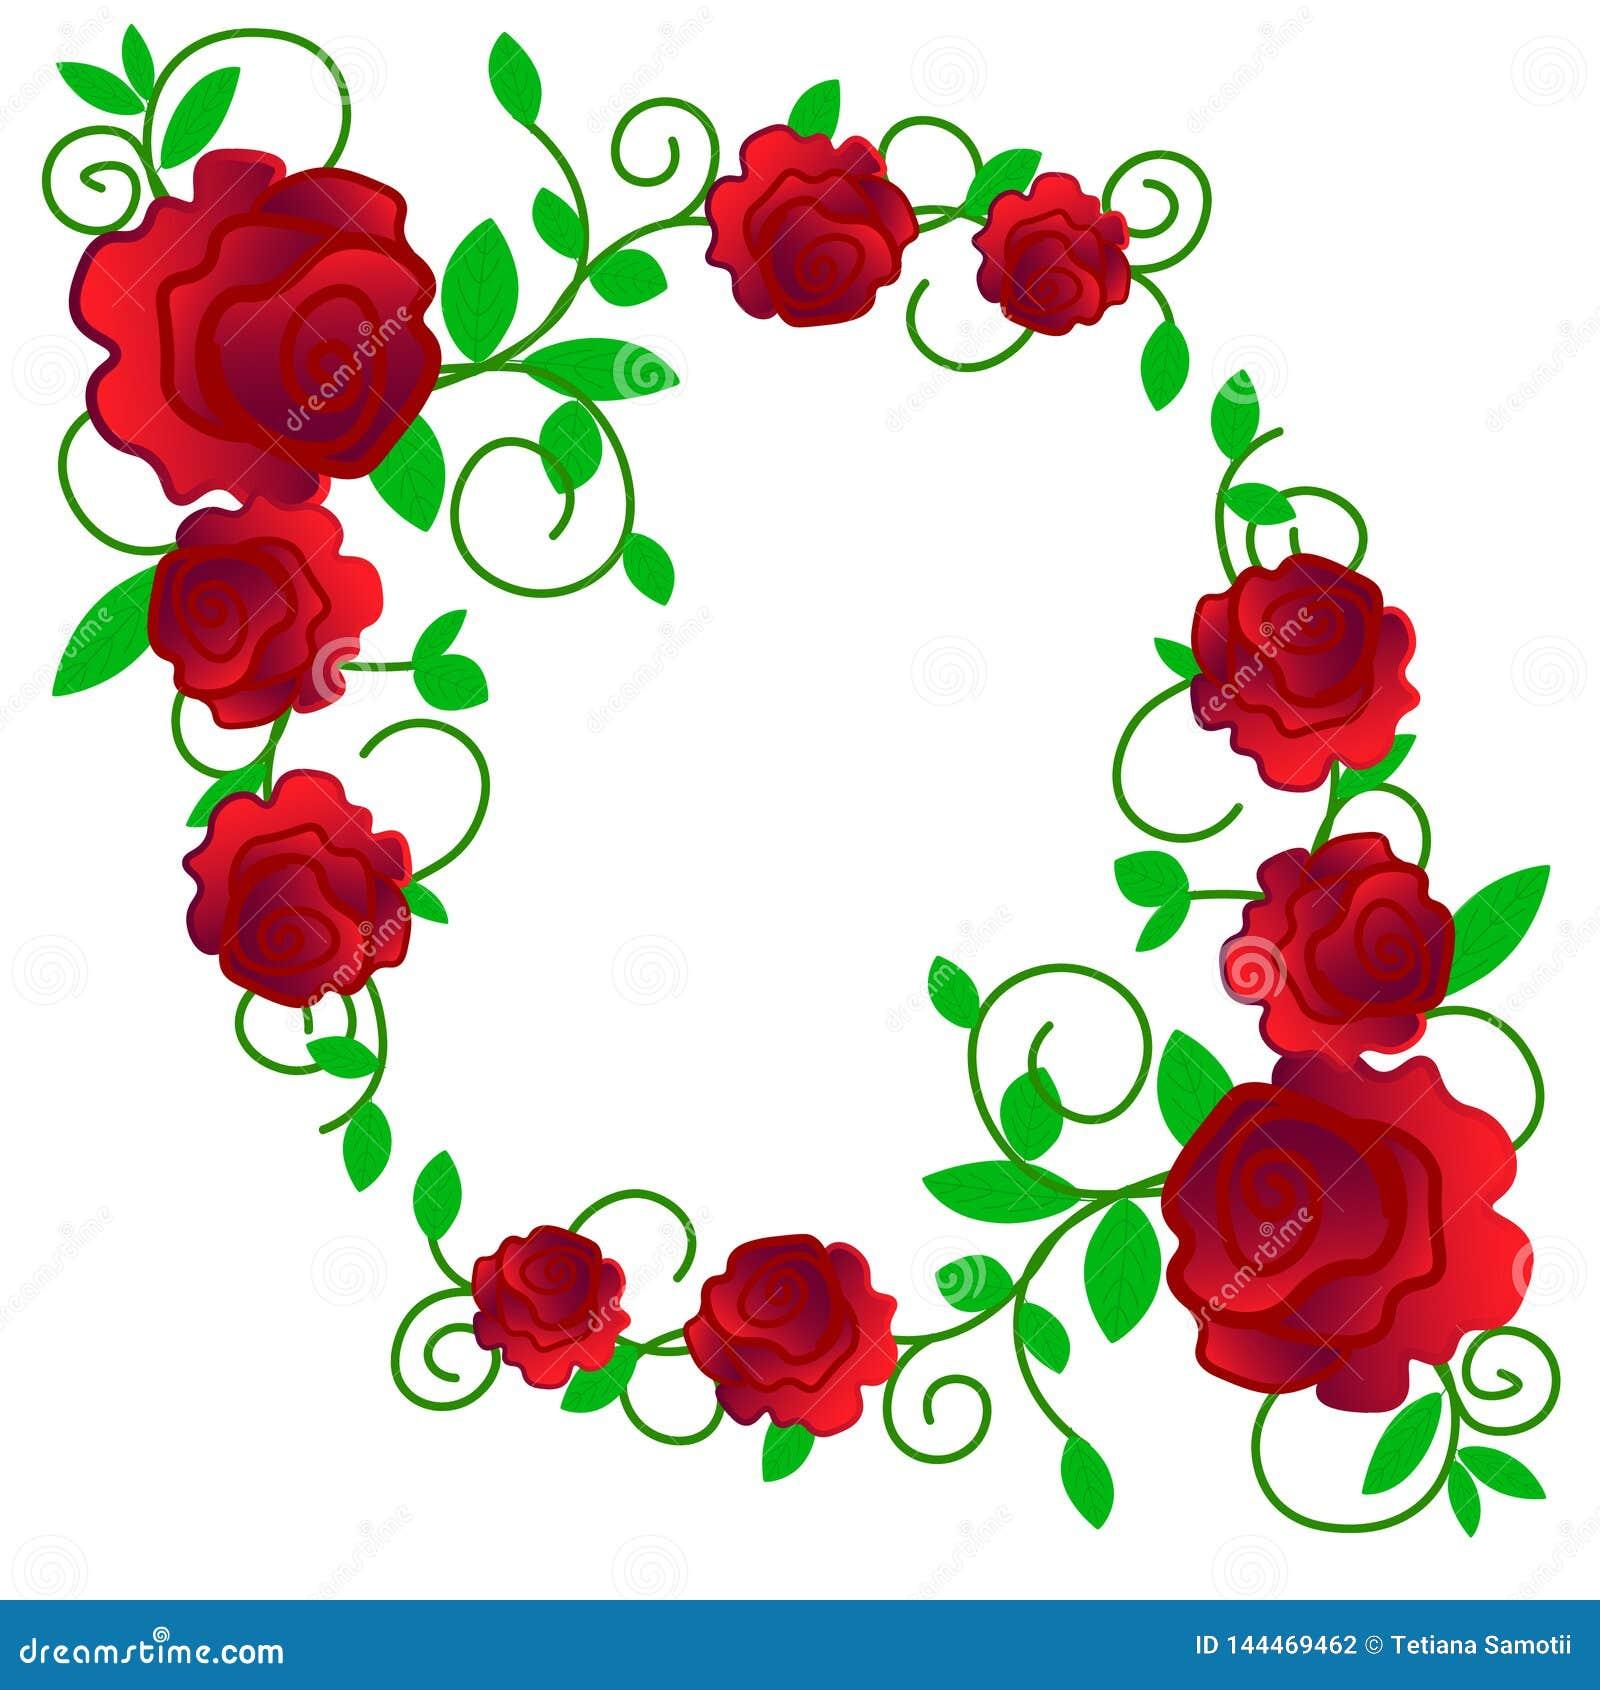 Сеть Поздравительную открытку с розами, акварель, можно использовать как карта приглашения для свадьбы, дня рождения и других пра